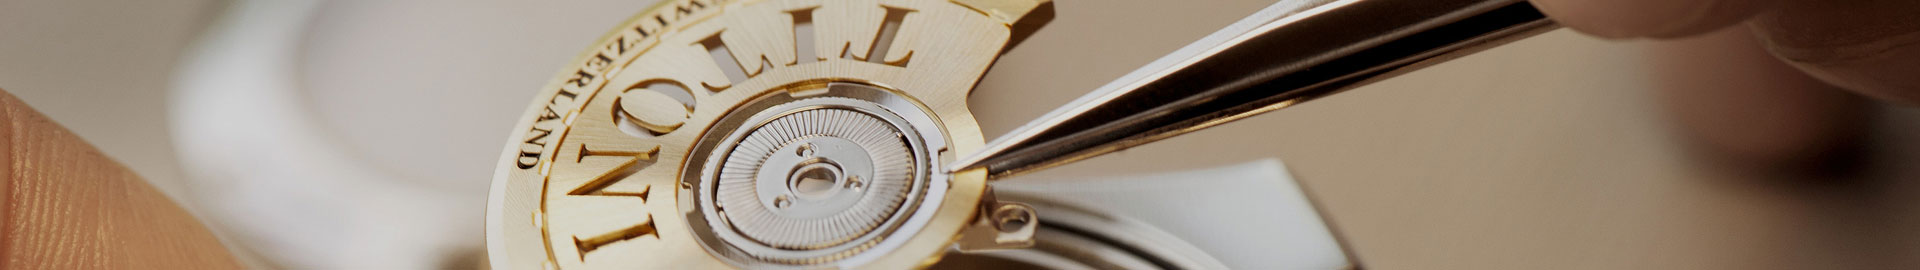 Luxe horloges Zazare Diamonds